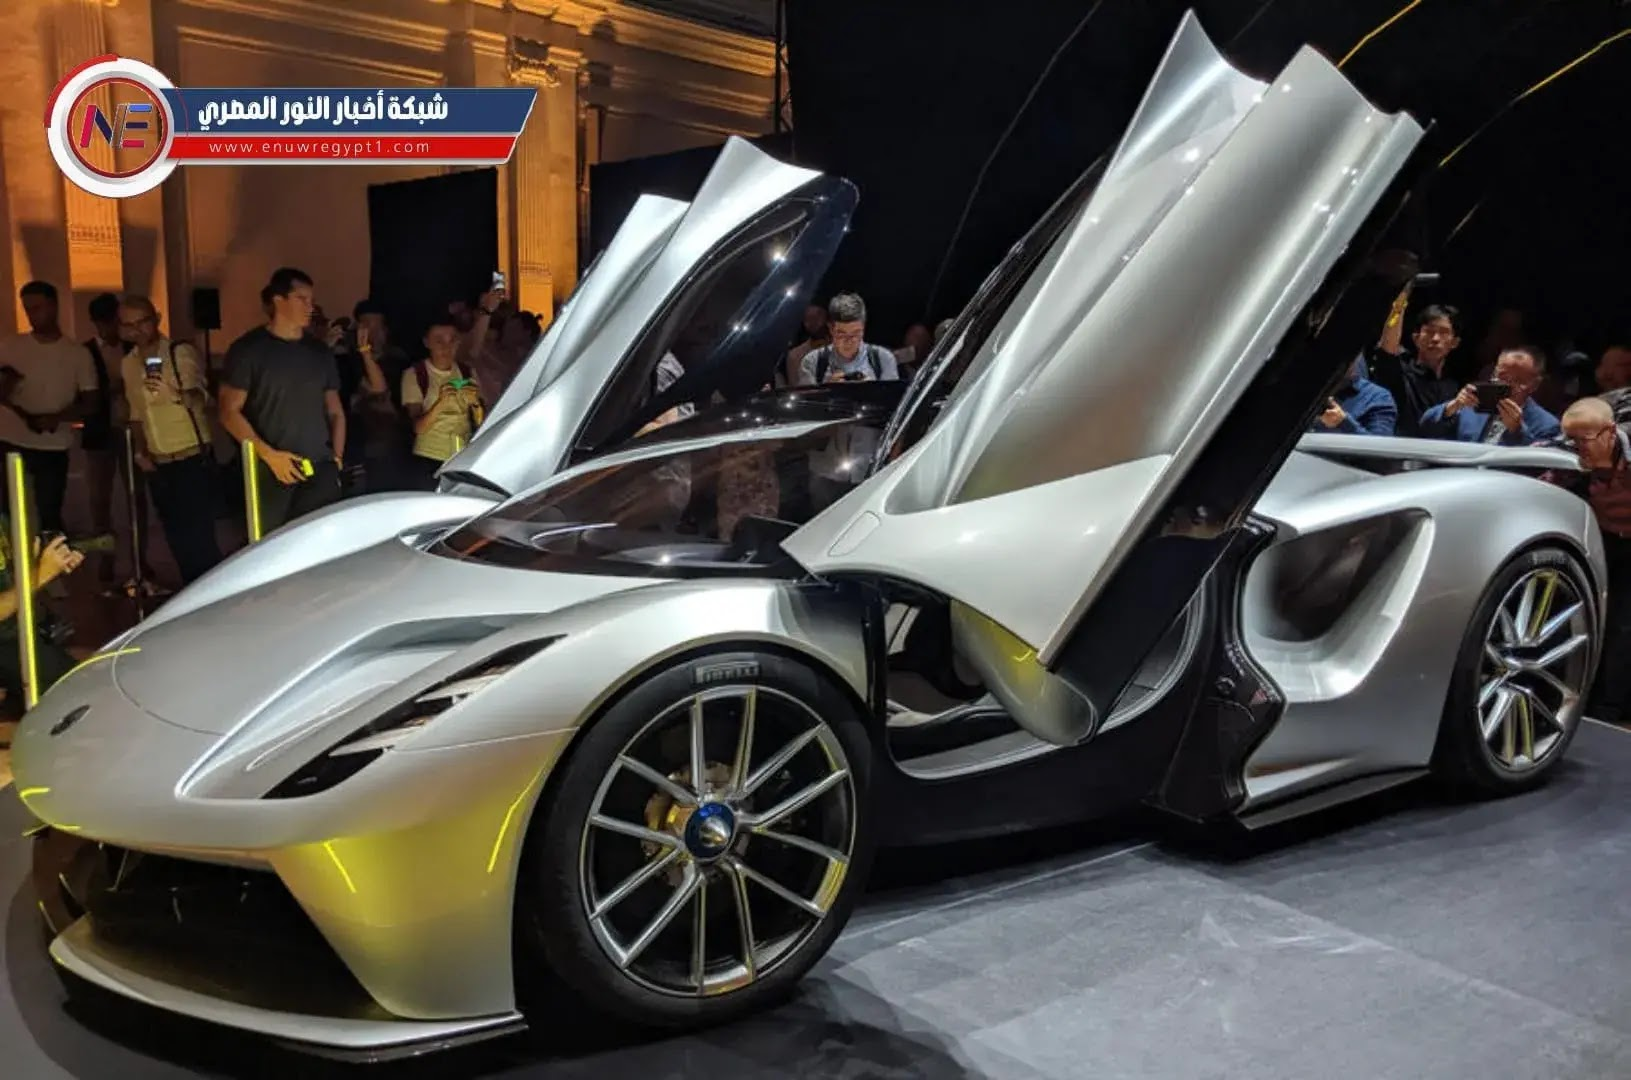 لوتس إيفيجا: سيارة خارقة كهربائية بقوة 2000 حصان أم قطعة فنية؟